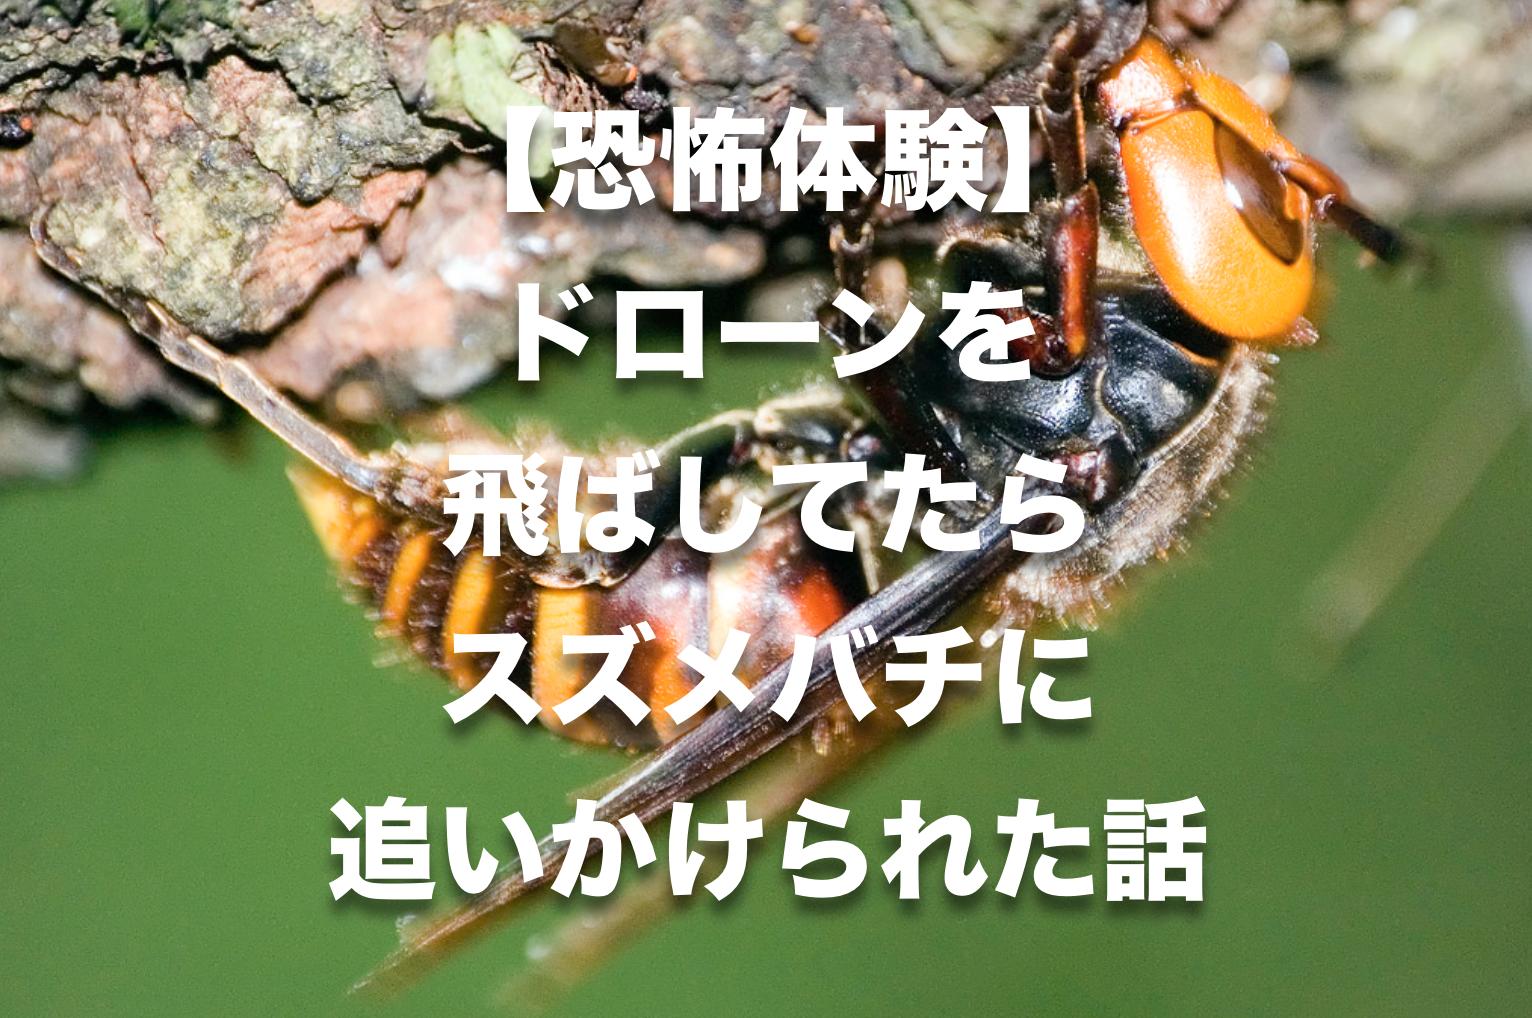 【恐怖体験】ドローンを飛ばしてたら雀蜂に追いかけられた話